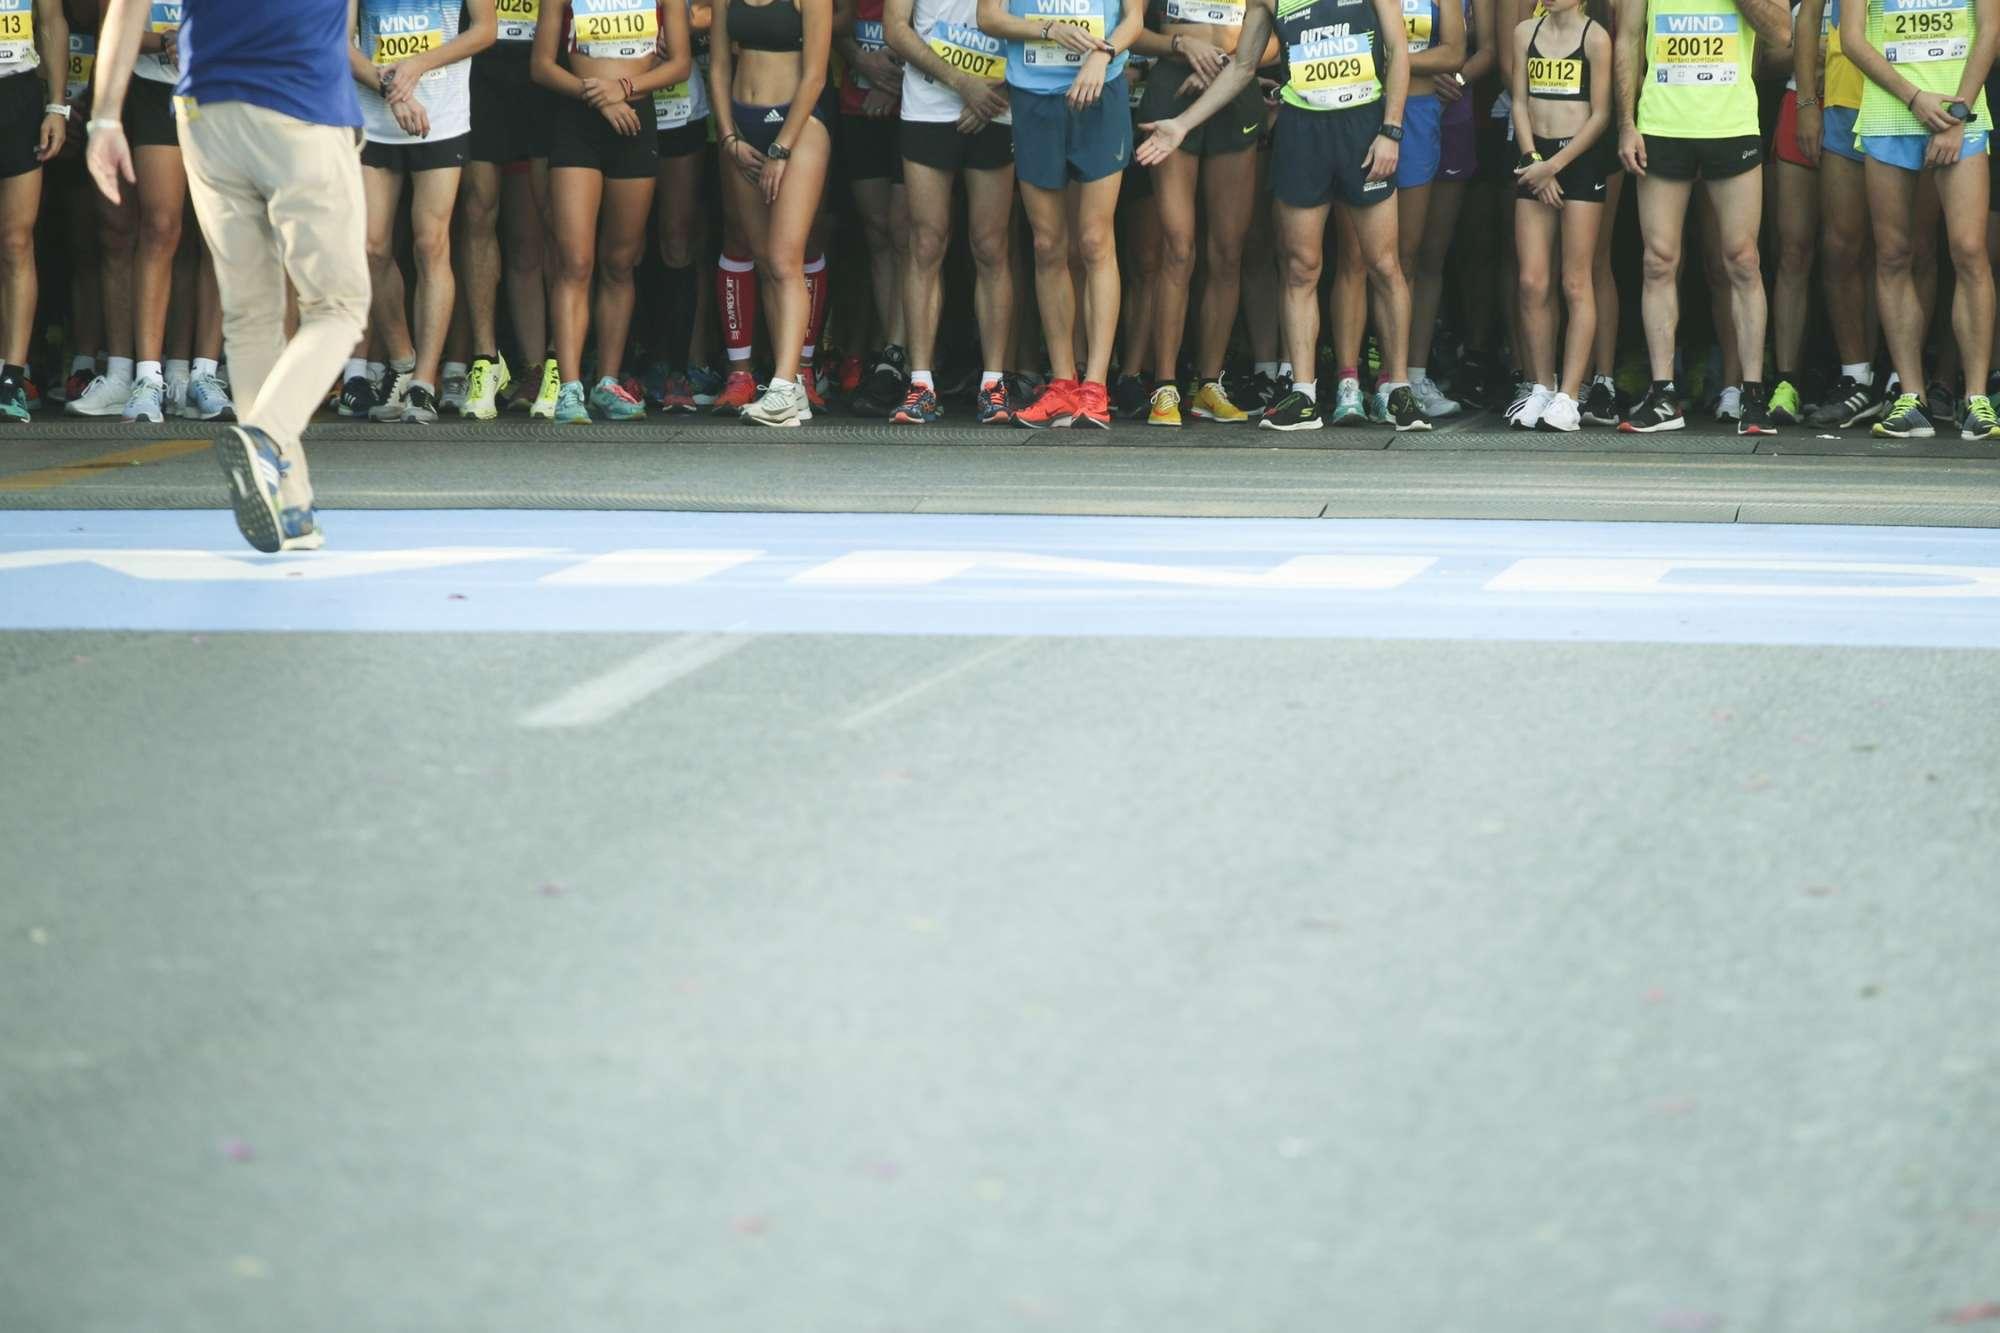 Την ίδια ώρα στην Αθήνα ετοιμάζονταν για την εκκίνηση στους δρόμους 10 και 5 χιλιομέτρων